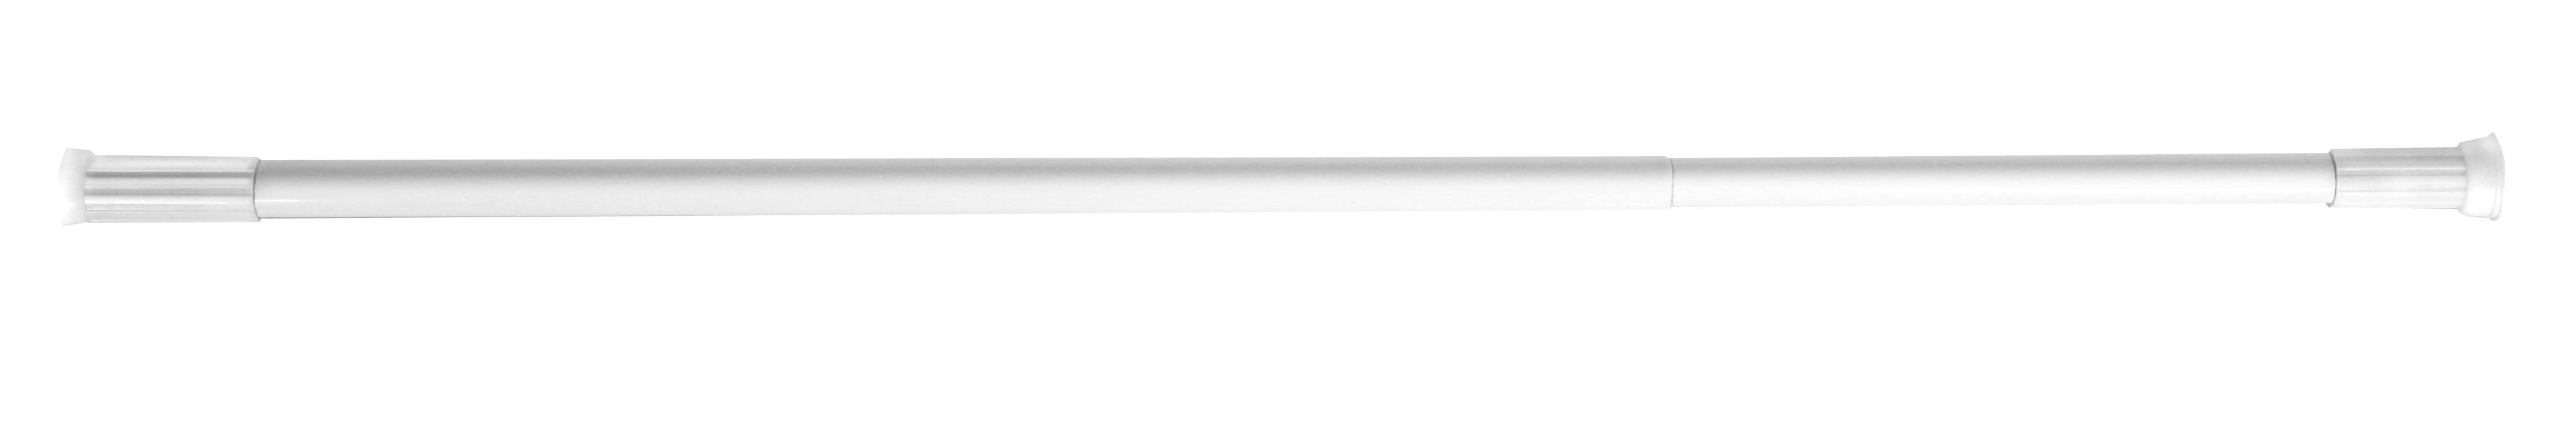 Bara alba extensibila 140-260cm, suport pentru perdea de dus - AWD02100233